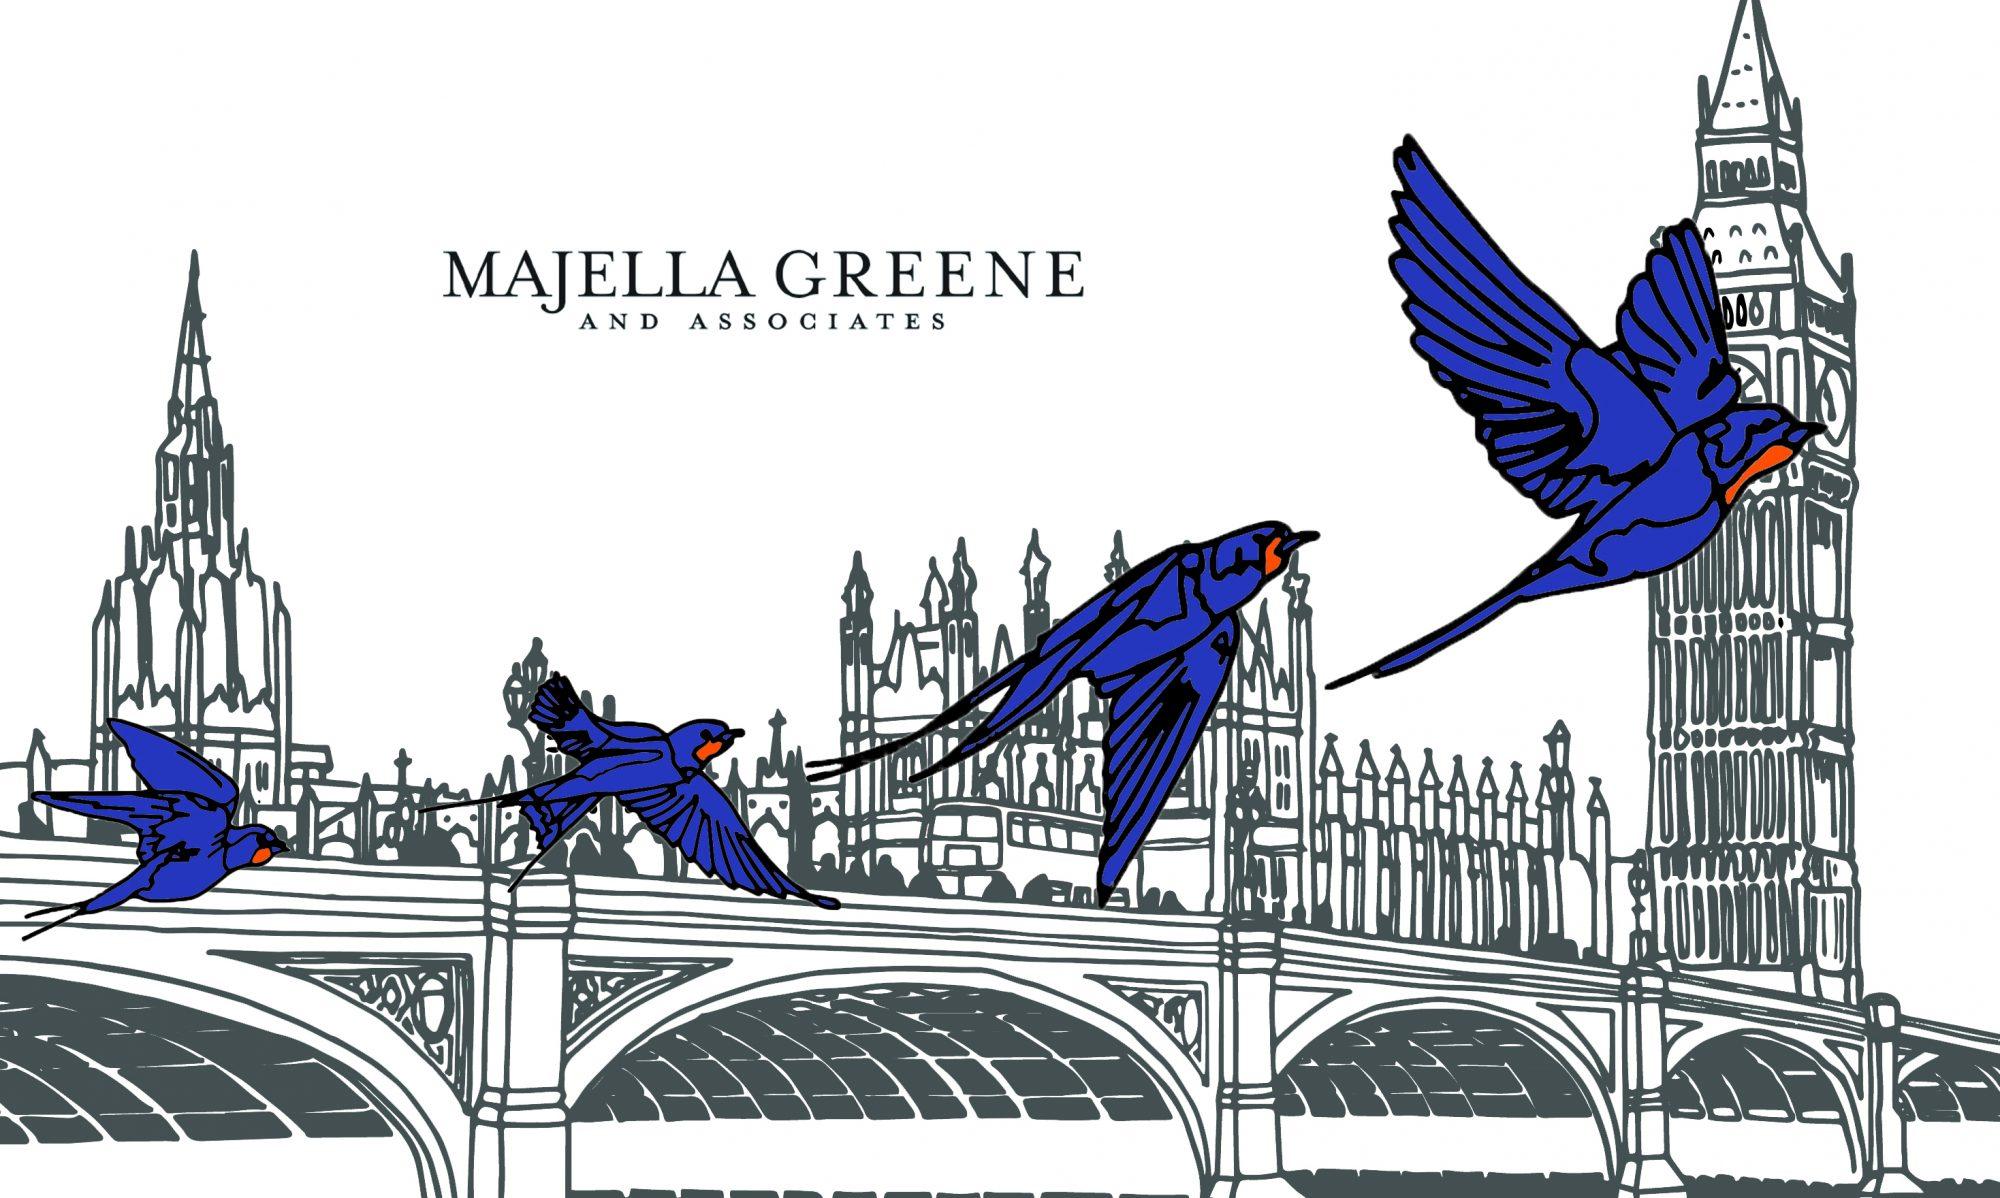 Majella greene & associates ltd